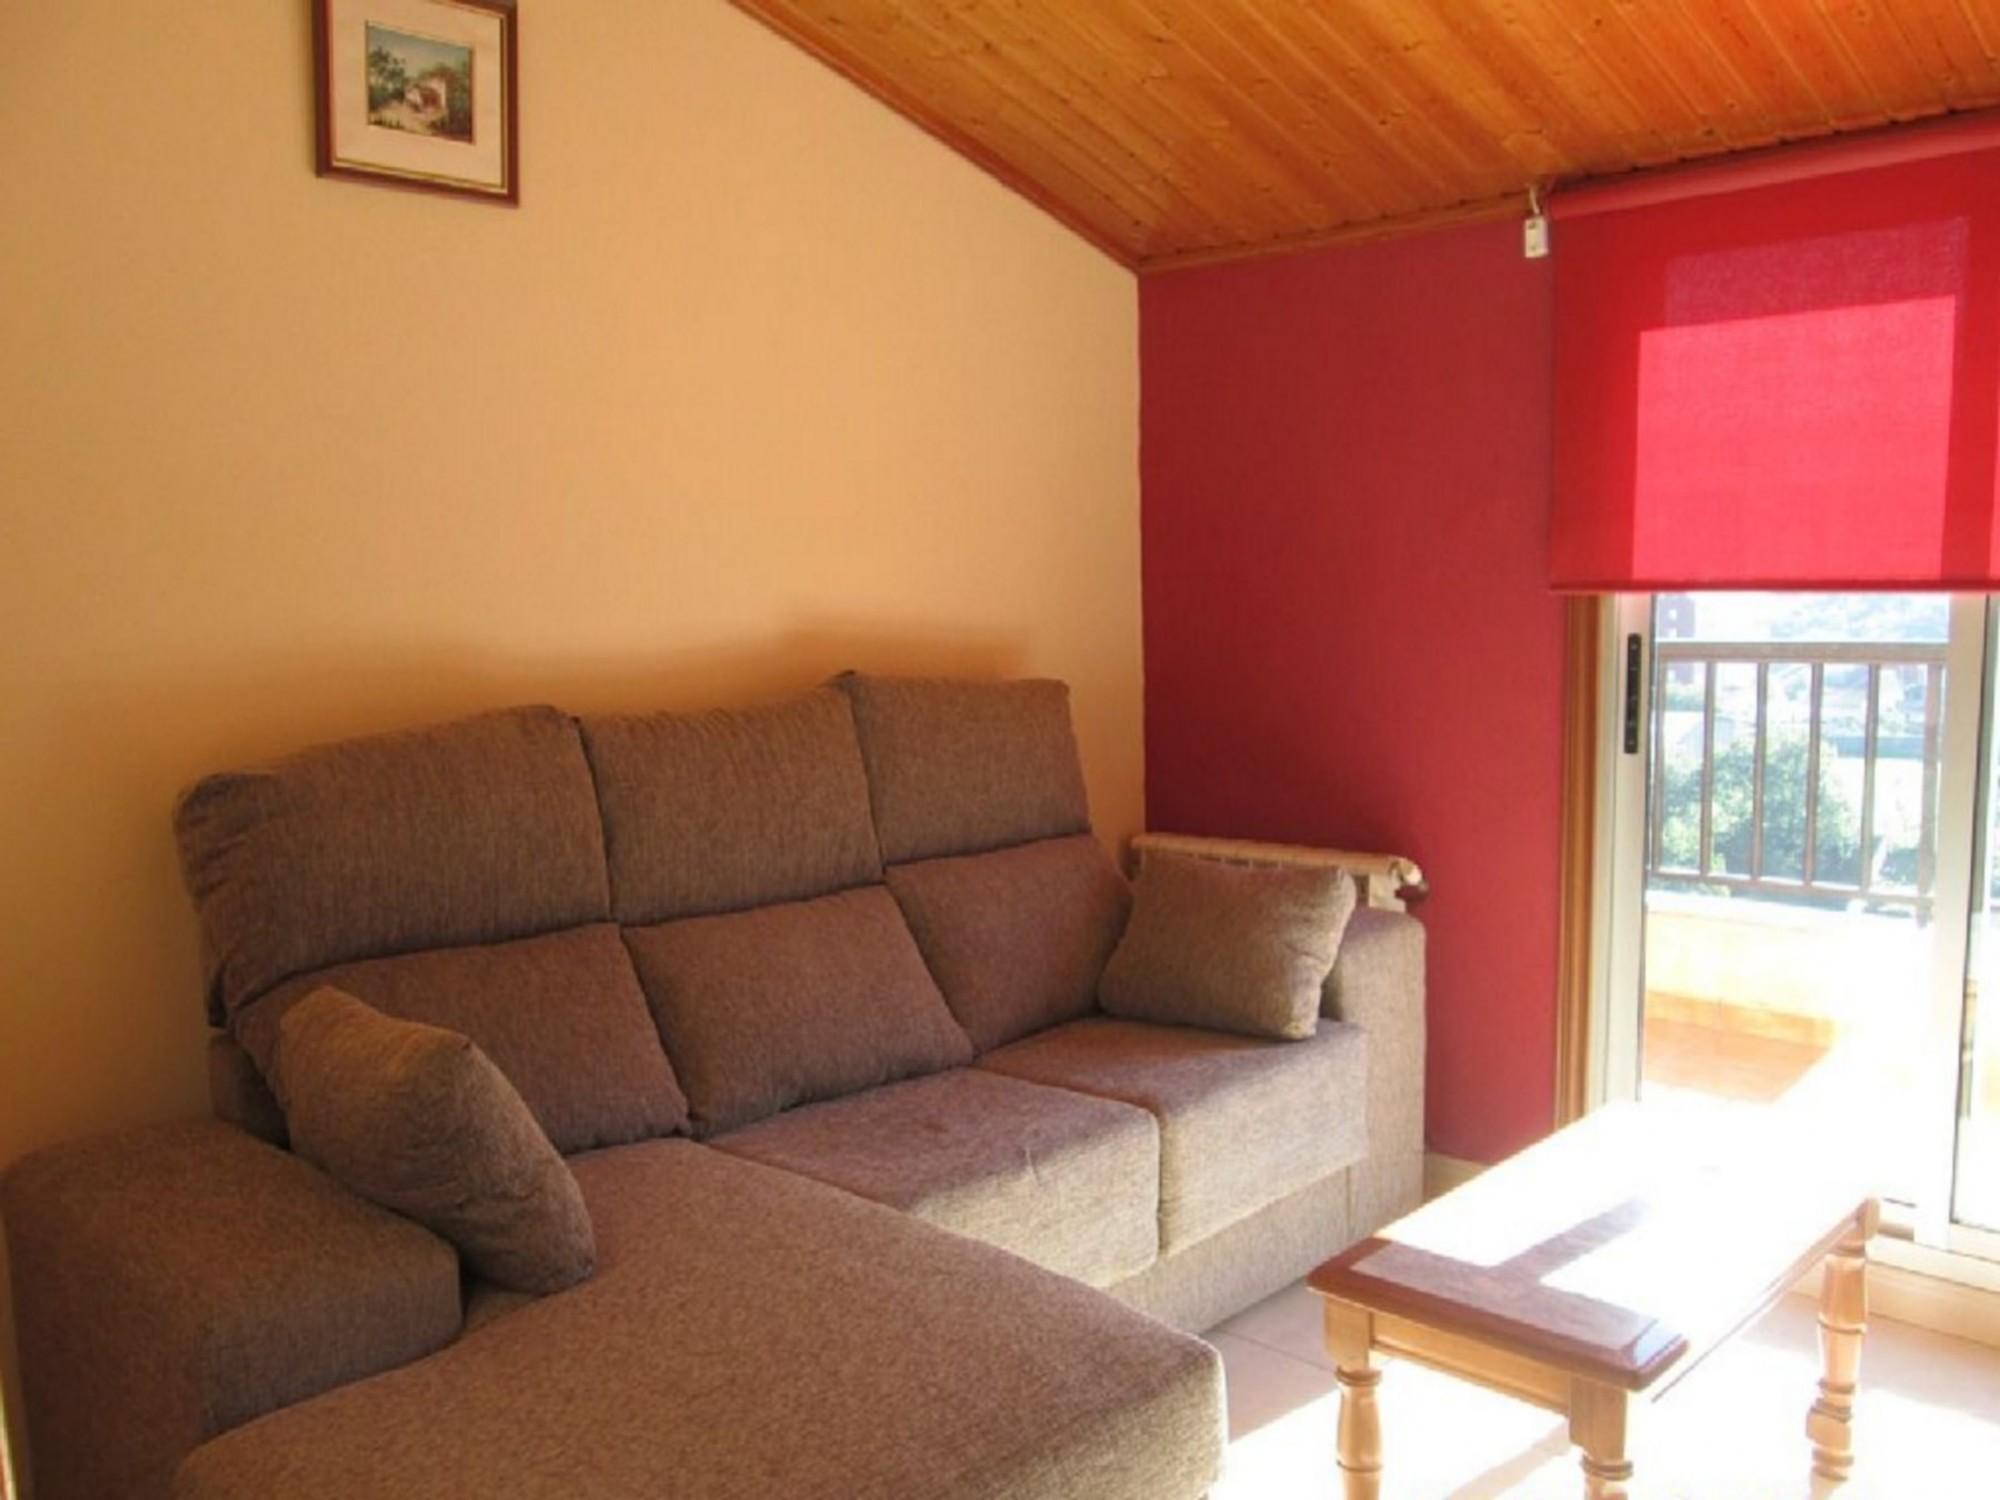 Ferienwohnung Apartment - 3 Bedrooms with WiFi - 100424 (1937594), Bueu, Rias Bajas, Galicien, Spanien, Bild 2